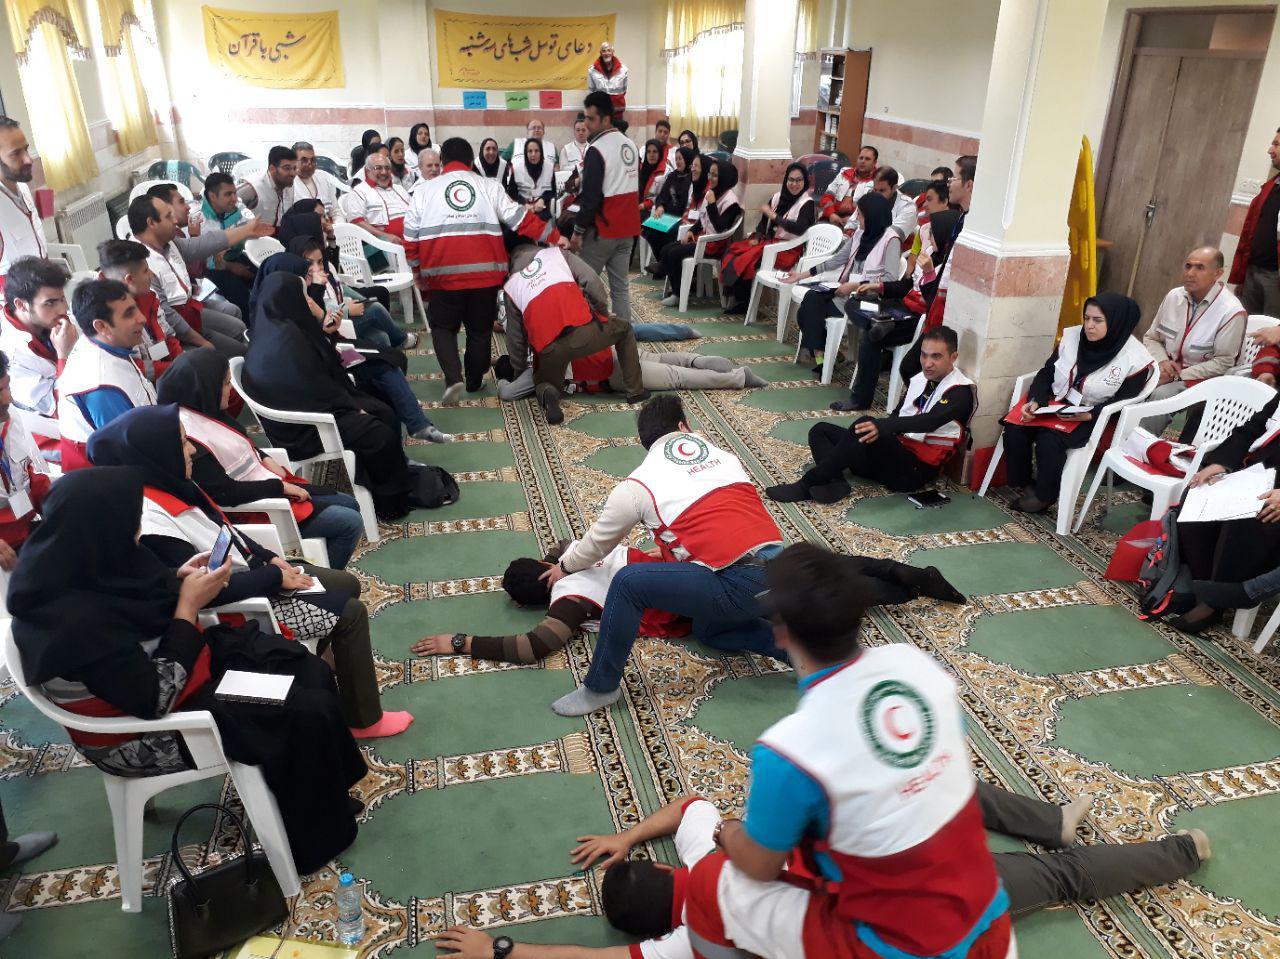 آموزش۲۷۲ تن از کارکنان و داوطلبان جمعیت هلال احمر استان گیلان در قالب تیمهای BHCUدرمان اضطراری